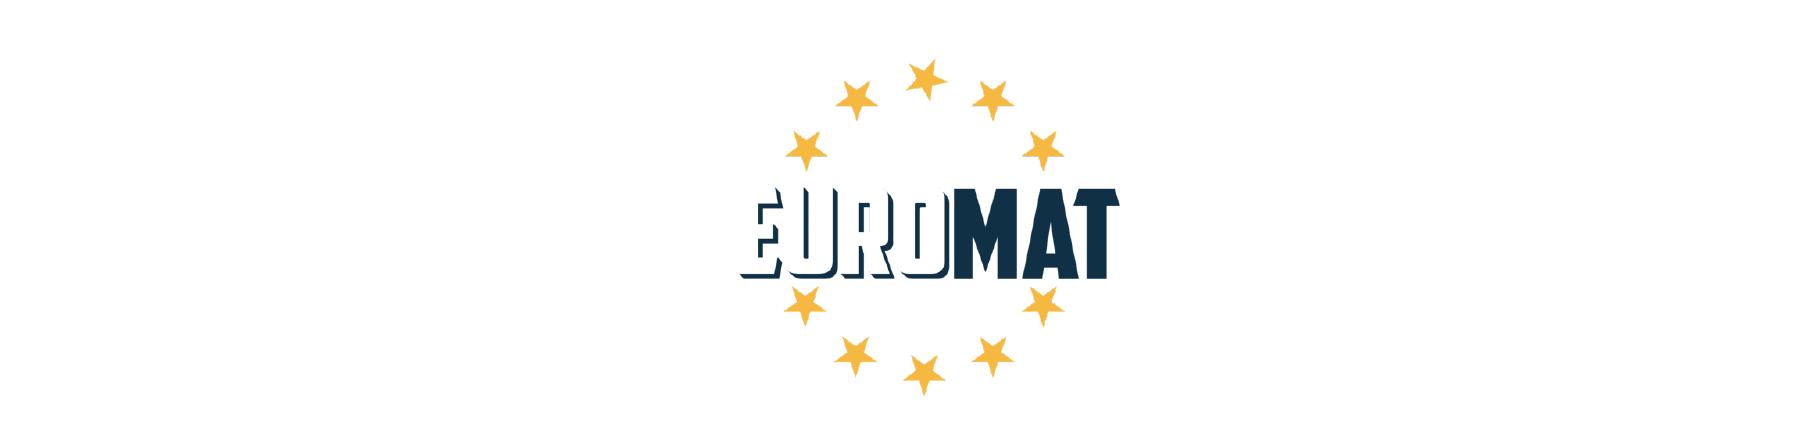 """Jetzt live: 23 Thesen zu Europa! Der EUROMAT zeigt als einziger """"Wahl-O-Mat"""" die europäischen Zukunftsthemen der Bundestagswahlen"""